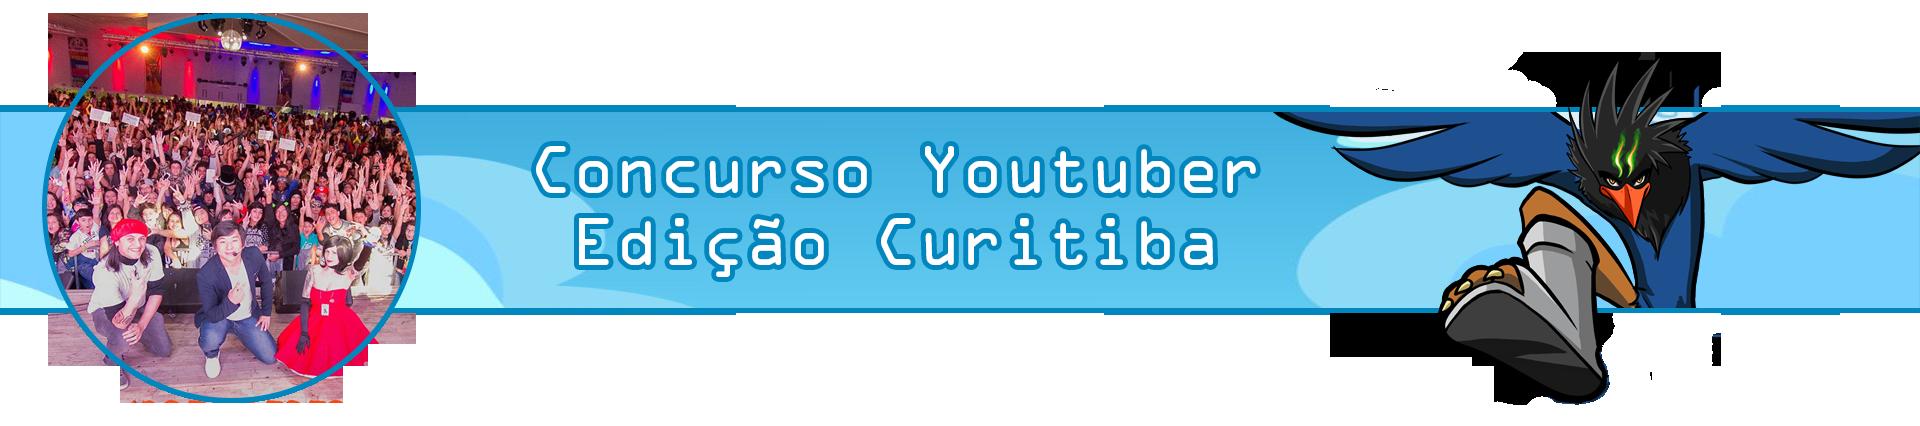 Site - topicos - Youtuber Curitiba